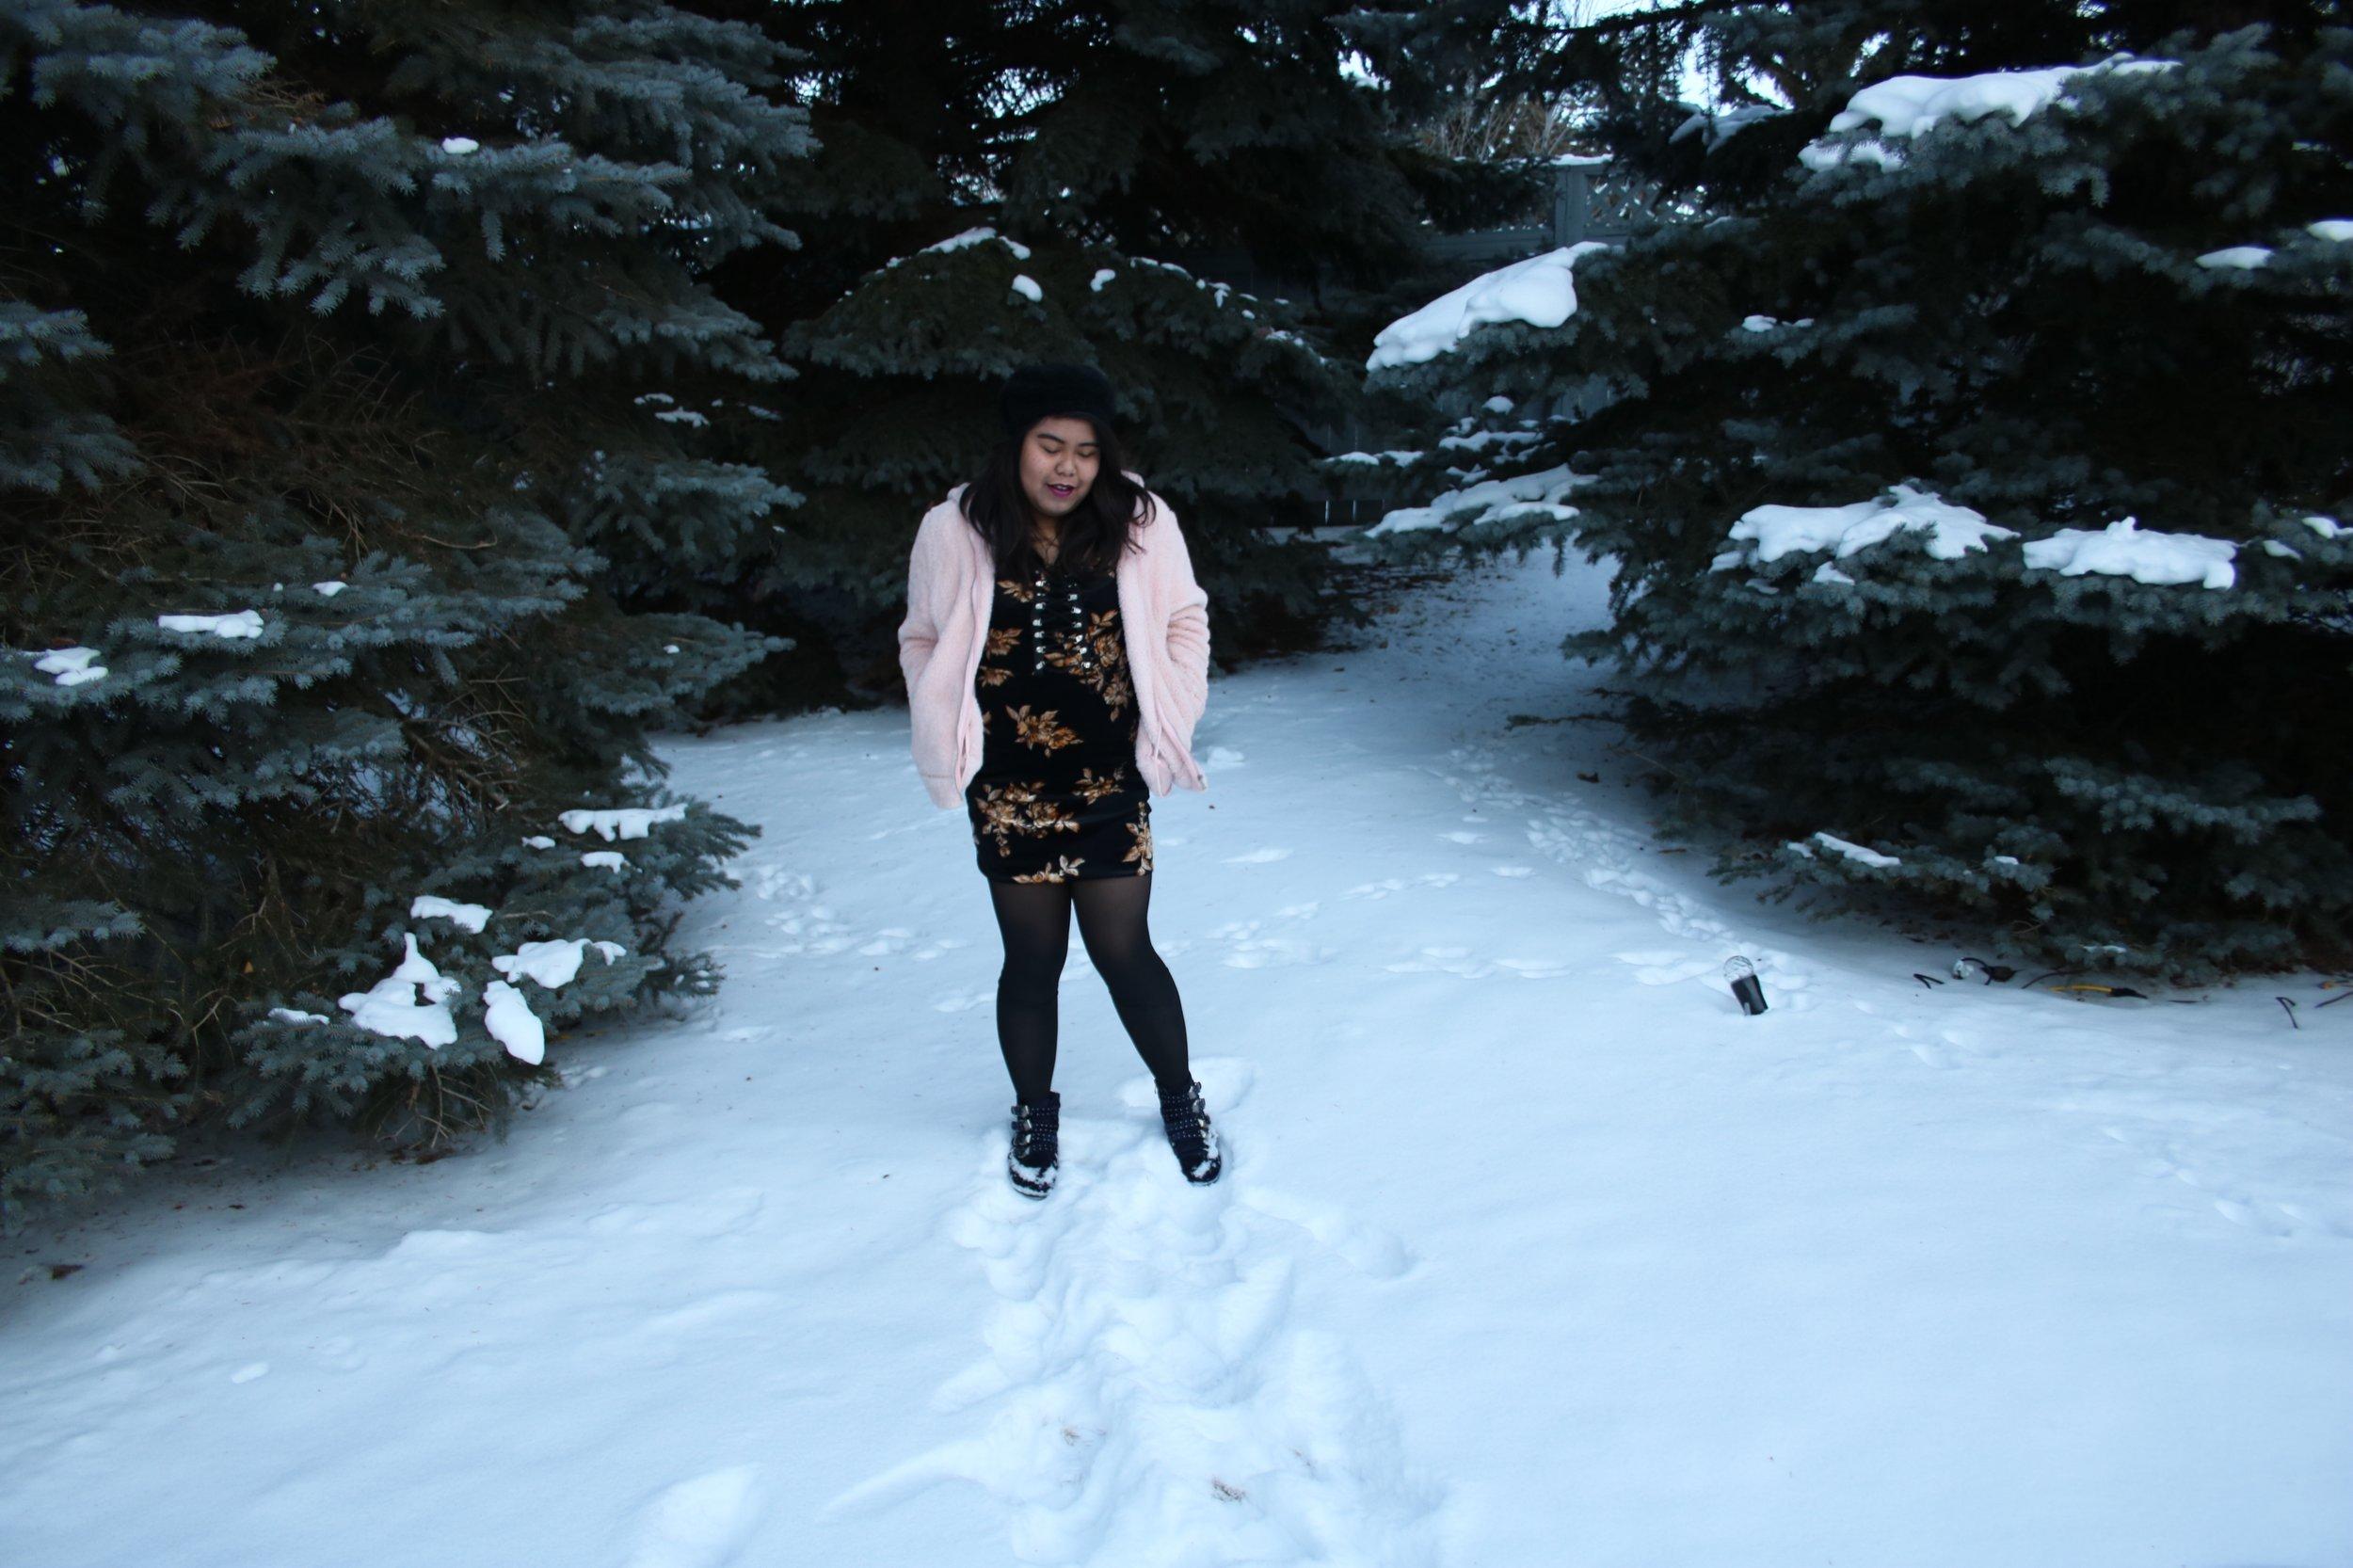 dressing down a black velvet dress, dress down a velvet dress, dress down velvet dress, casually wear velvet, velvet dress casual look, velvet dress for holiday, dress down a black dress, dress down LBD, casually wear LBD, casually wear velvet dress, dress down a dress, dress as casual look, velvet as casual look, black velvet dress, velvet dress for holiday, winter outfit inspiration, velvet dress for winter, how to wear velvet, wear velvet right, wear velvet casually